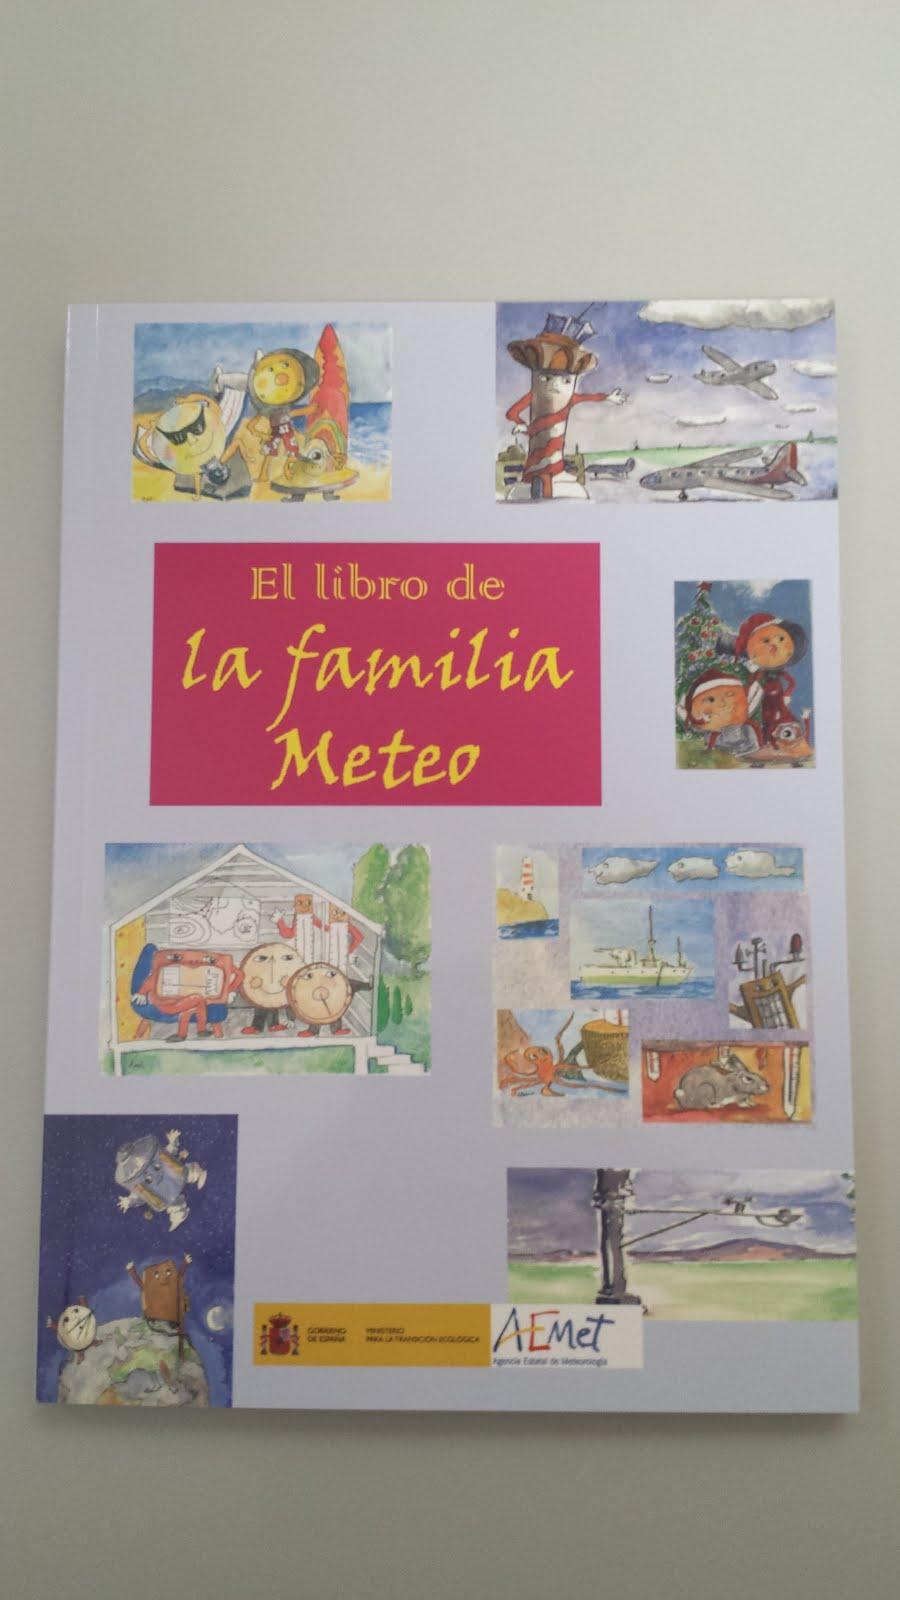 El libro de la familia Meteo